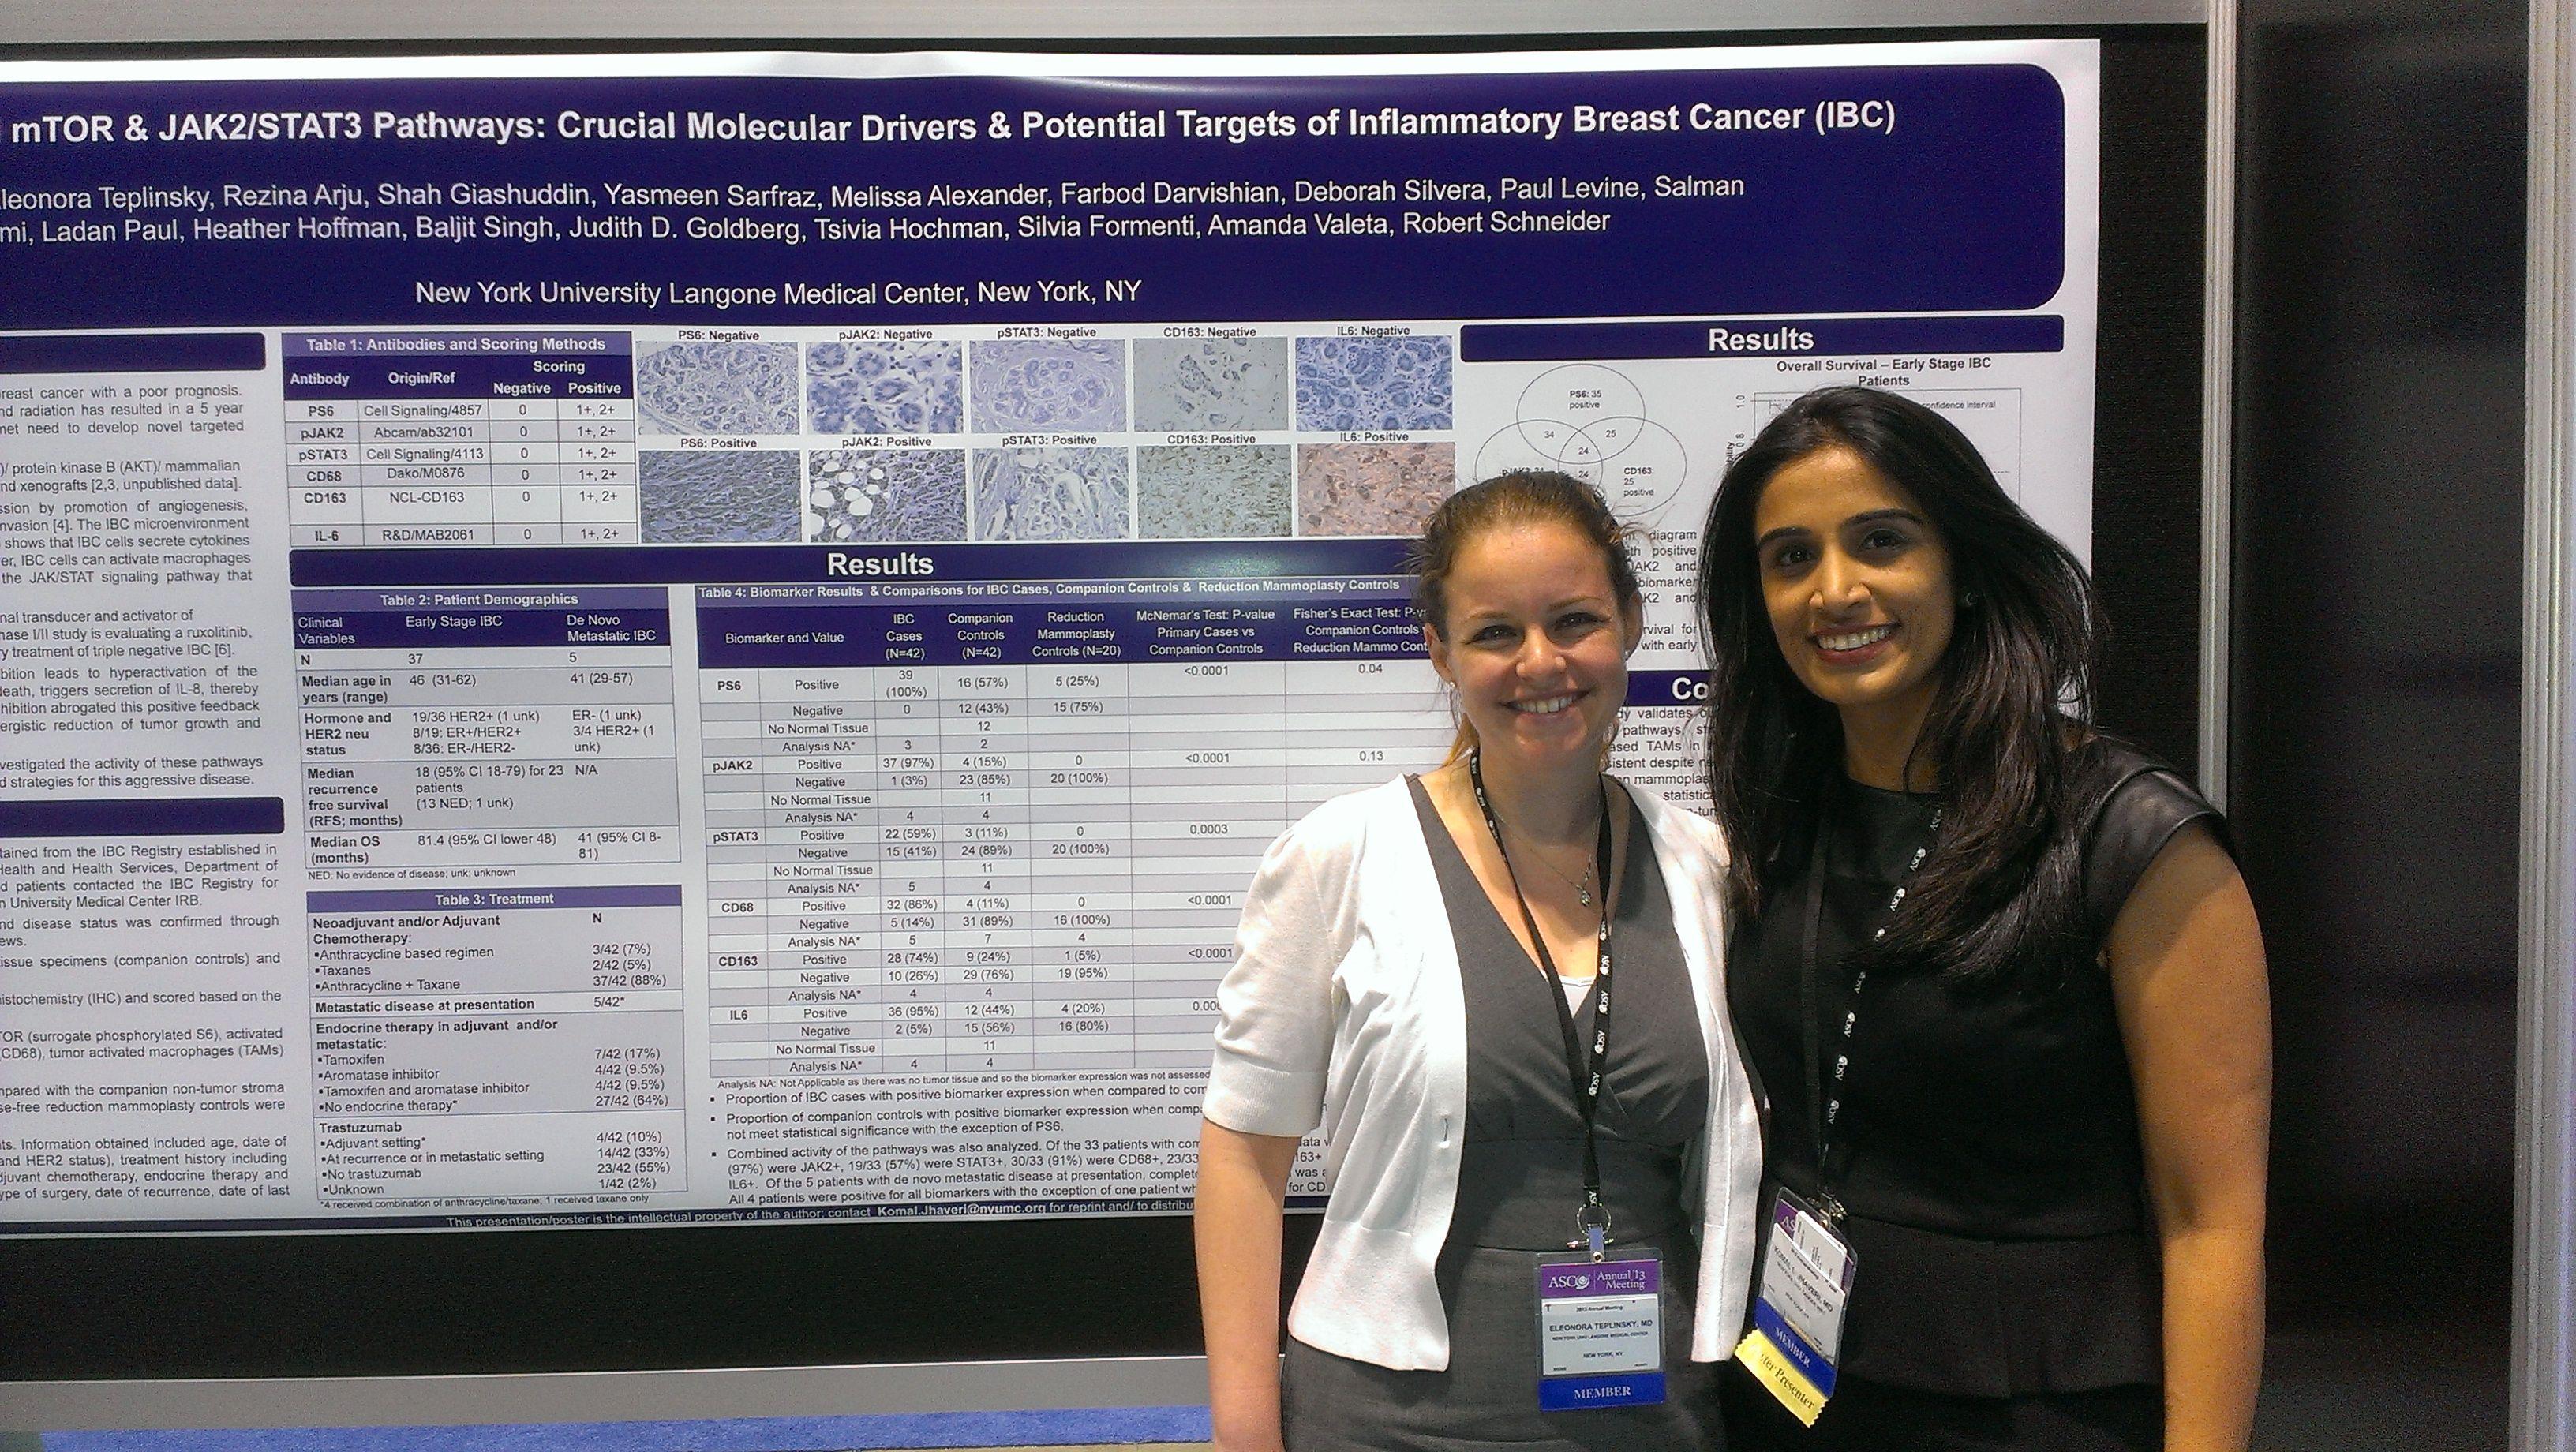 Dr  Komal Jhaveri & NYU student, sharing her IBC research at